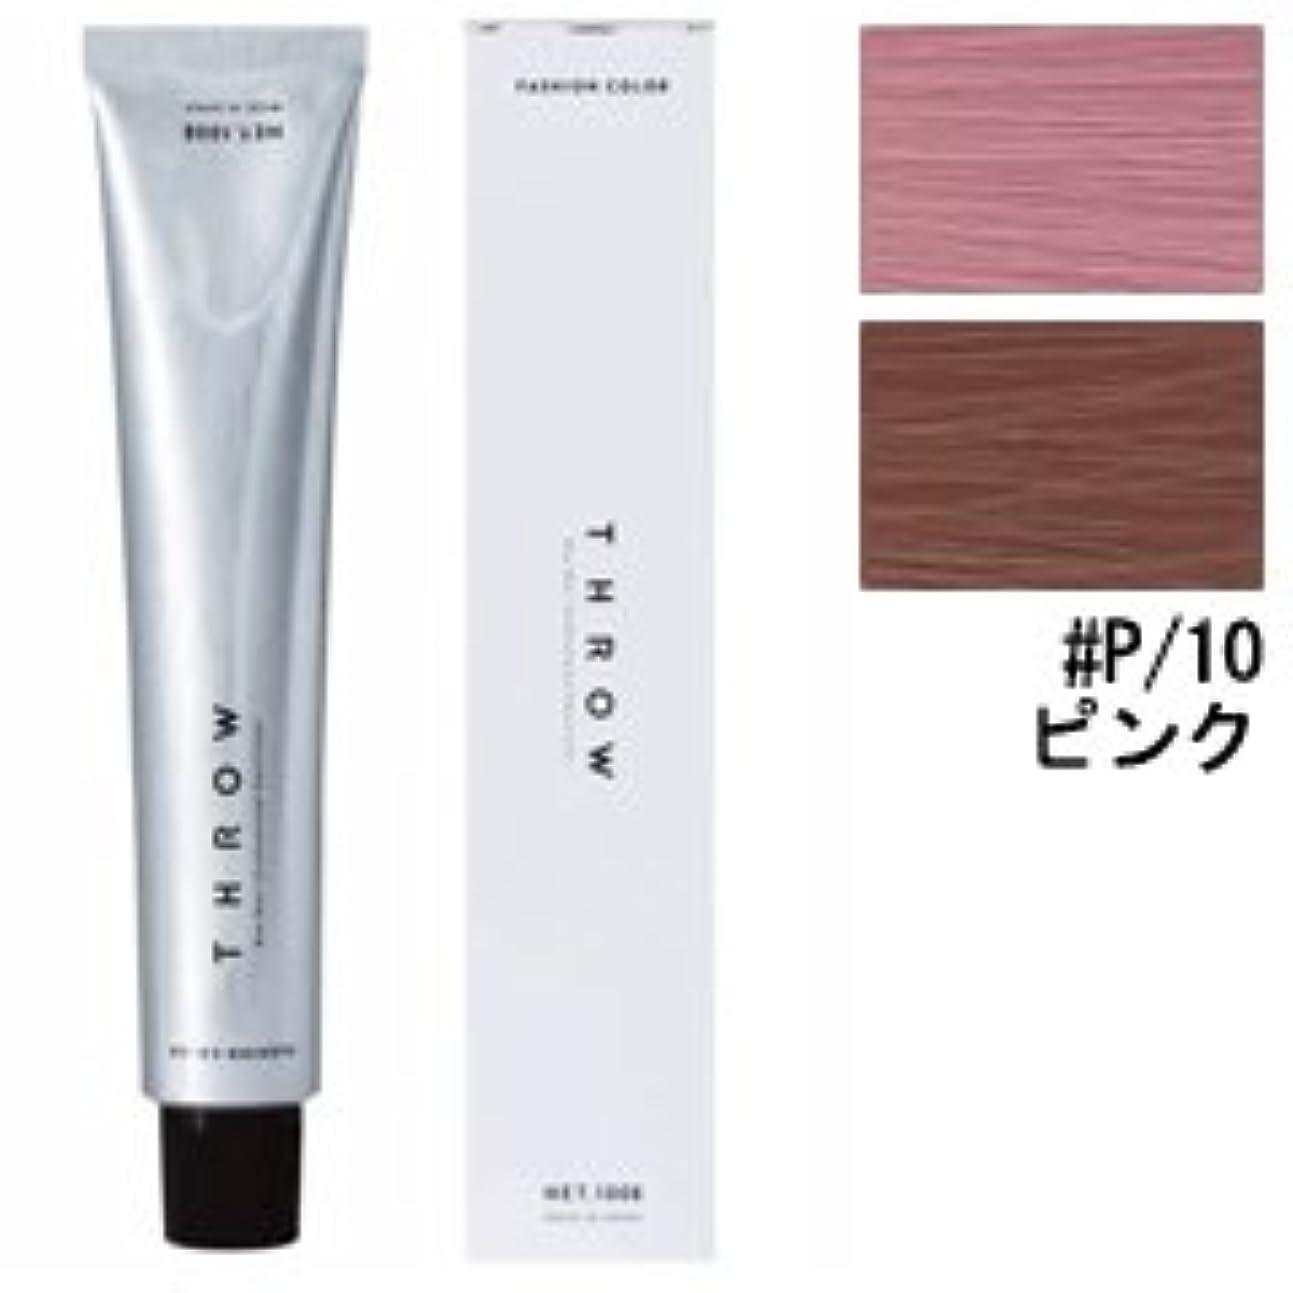 新聞多年生一緒に【モルトベーネ】スロウ ファッションカラー #P/10 ピンク 100g